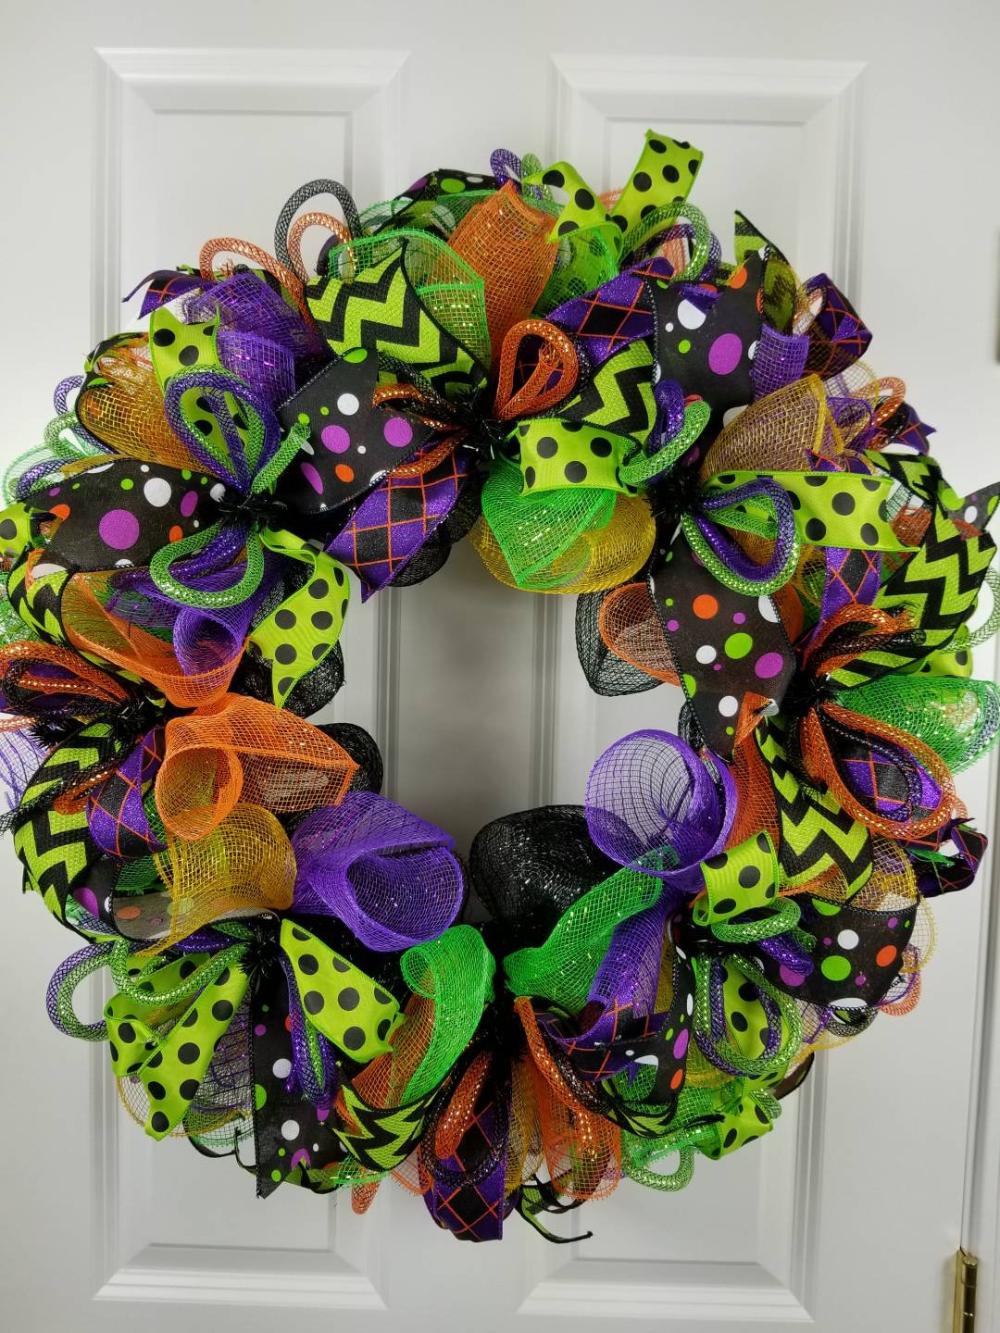 Halloween wreath, Halloween wreath for front door, Fall wreath for front door, Realtor client gift, Front door Halloween wreath, Fall decor